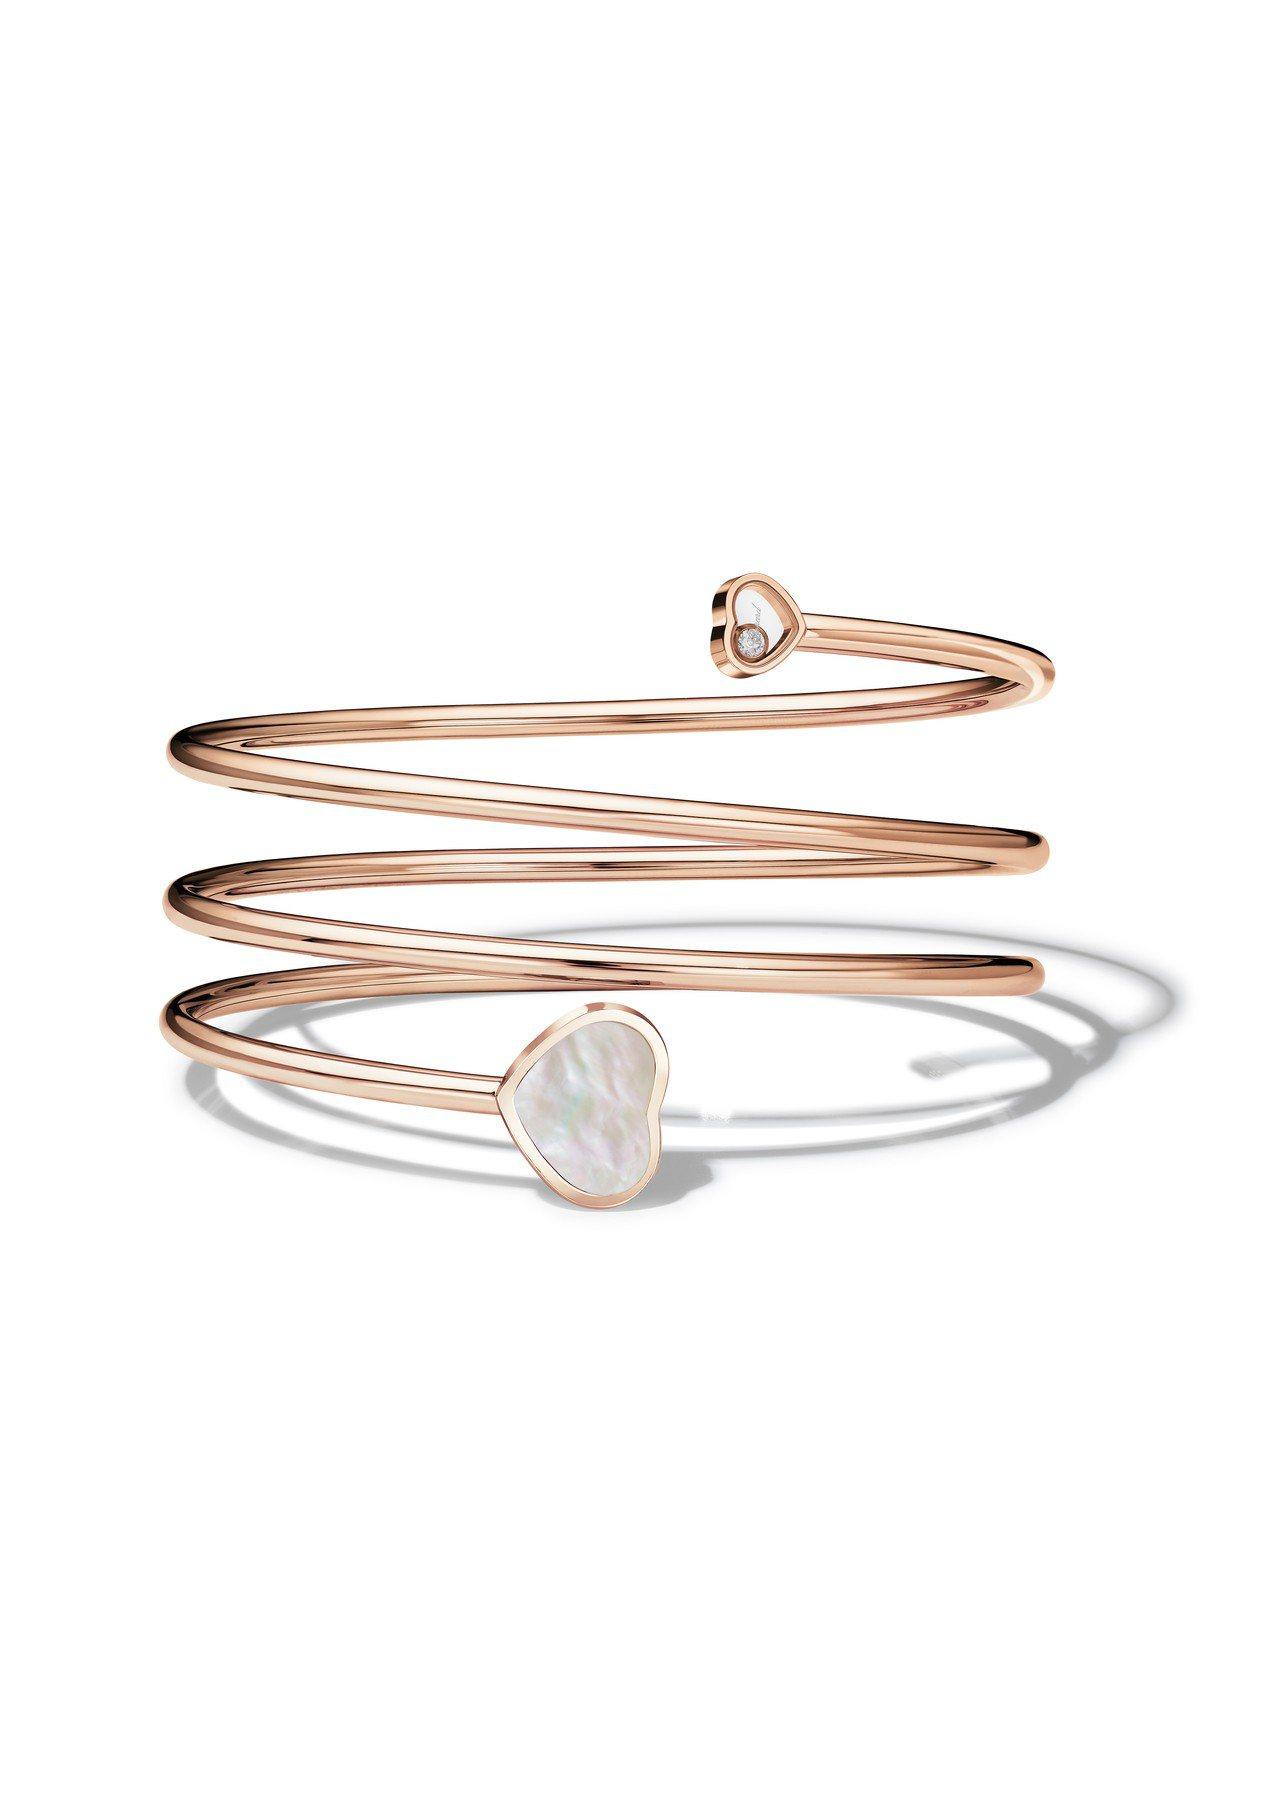 蕭邦Happy Hearts Twist 系列手鐲,18K玫瑰金手鐲鑲嵌心型珍珠...